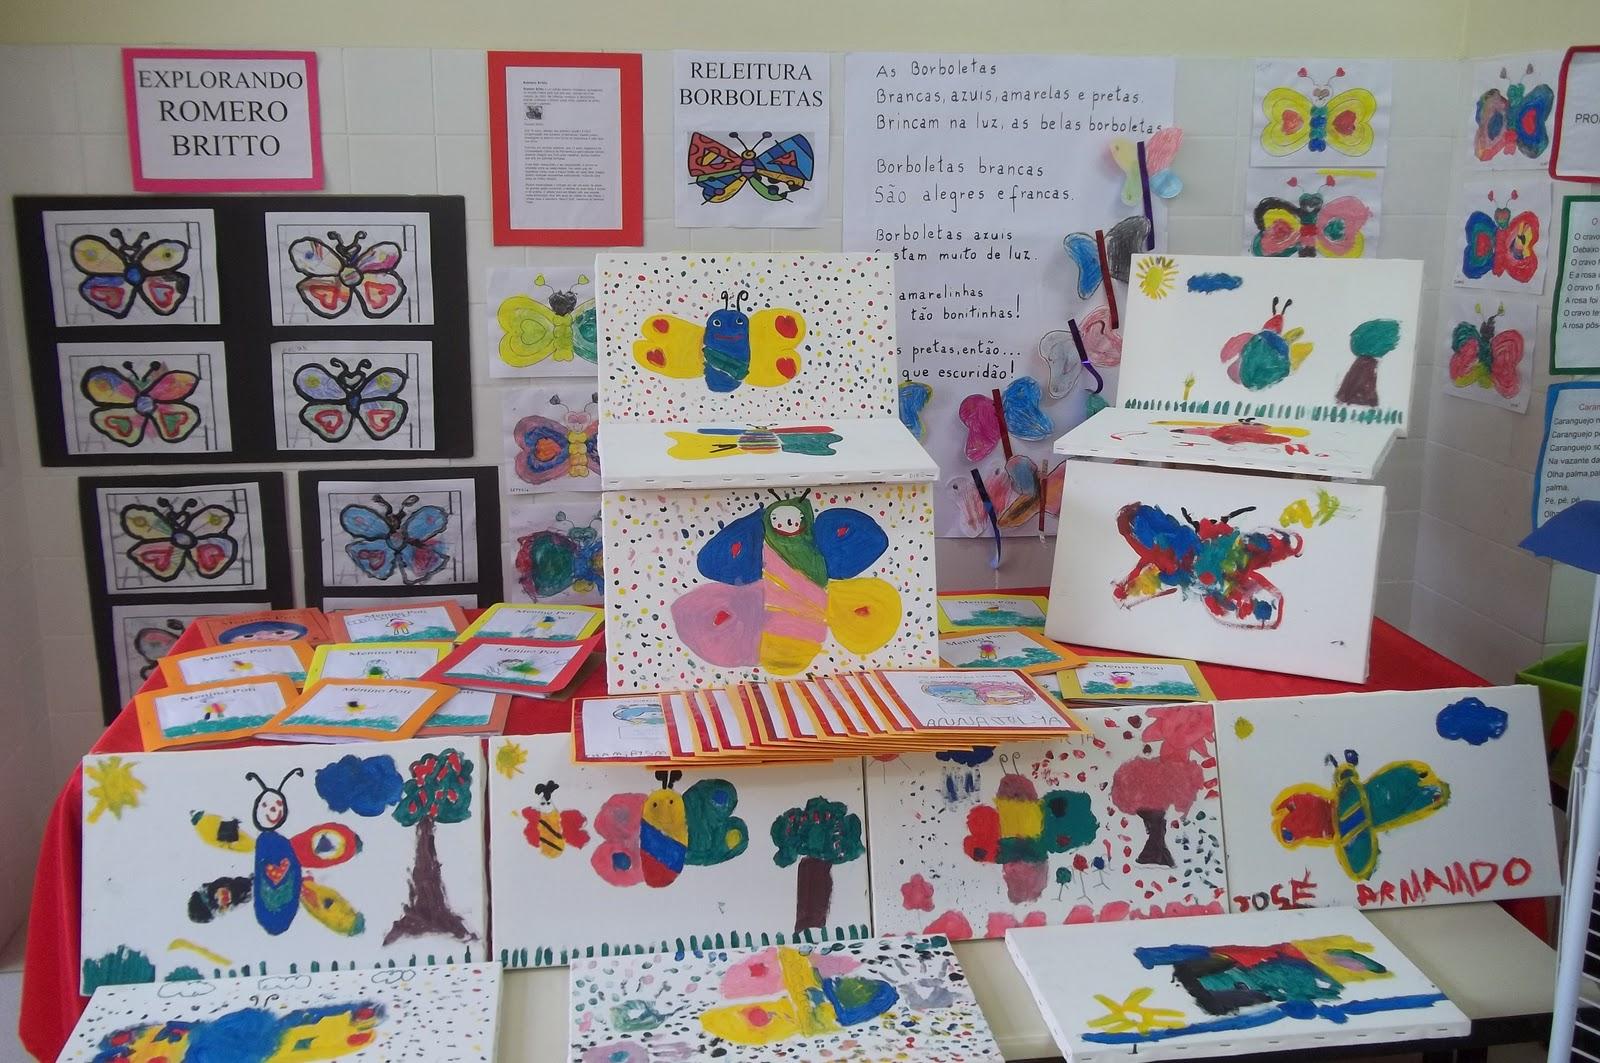 Amado A ARTE NA EDUCAÇÃO INFANTIL: Imagem arte na educação infantil IG97